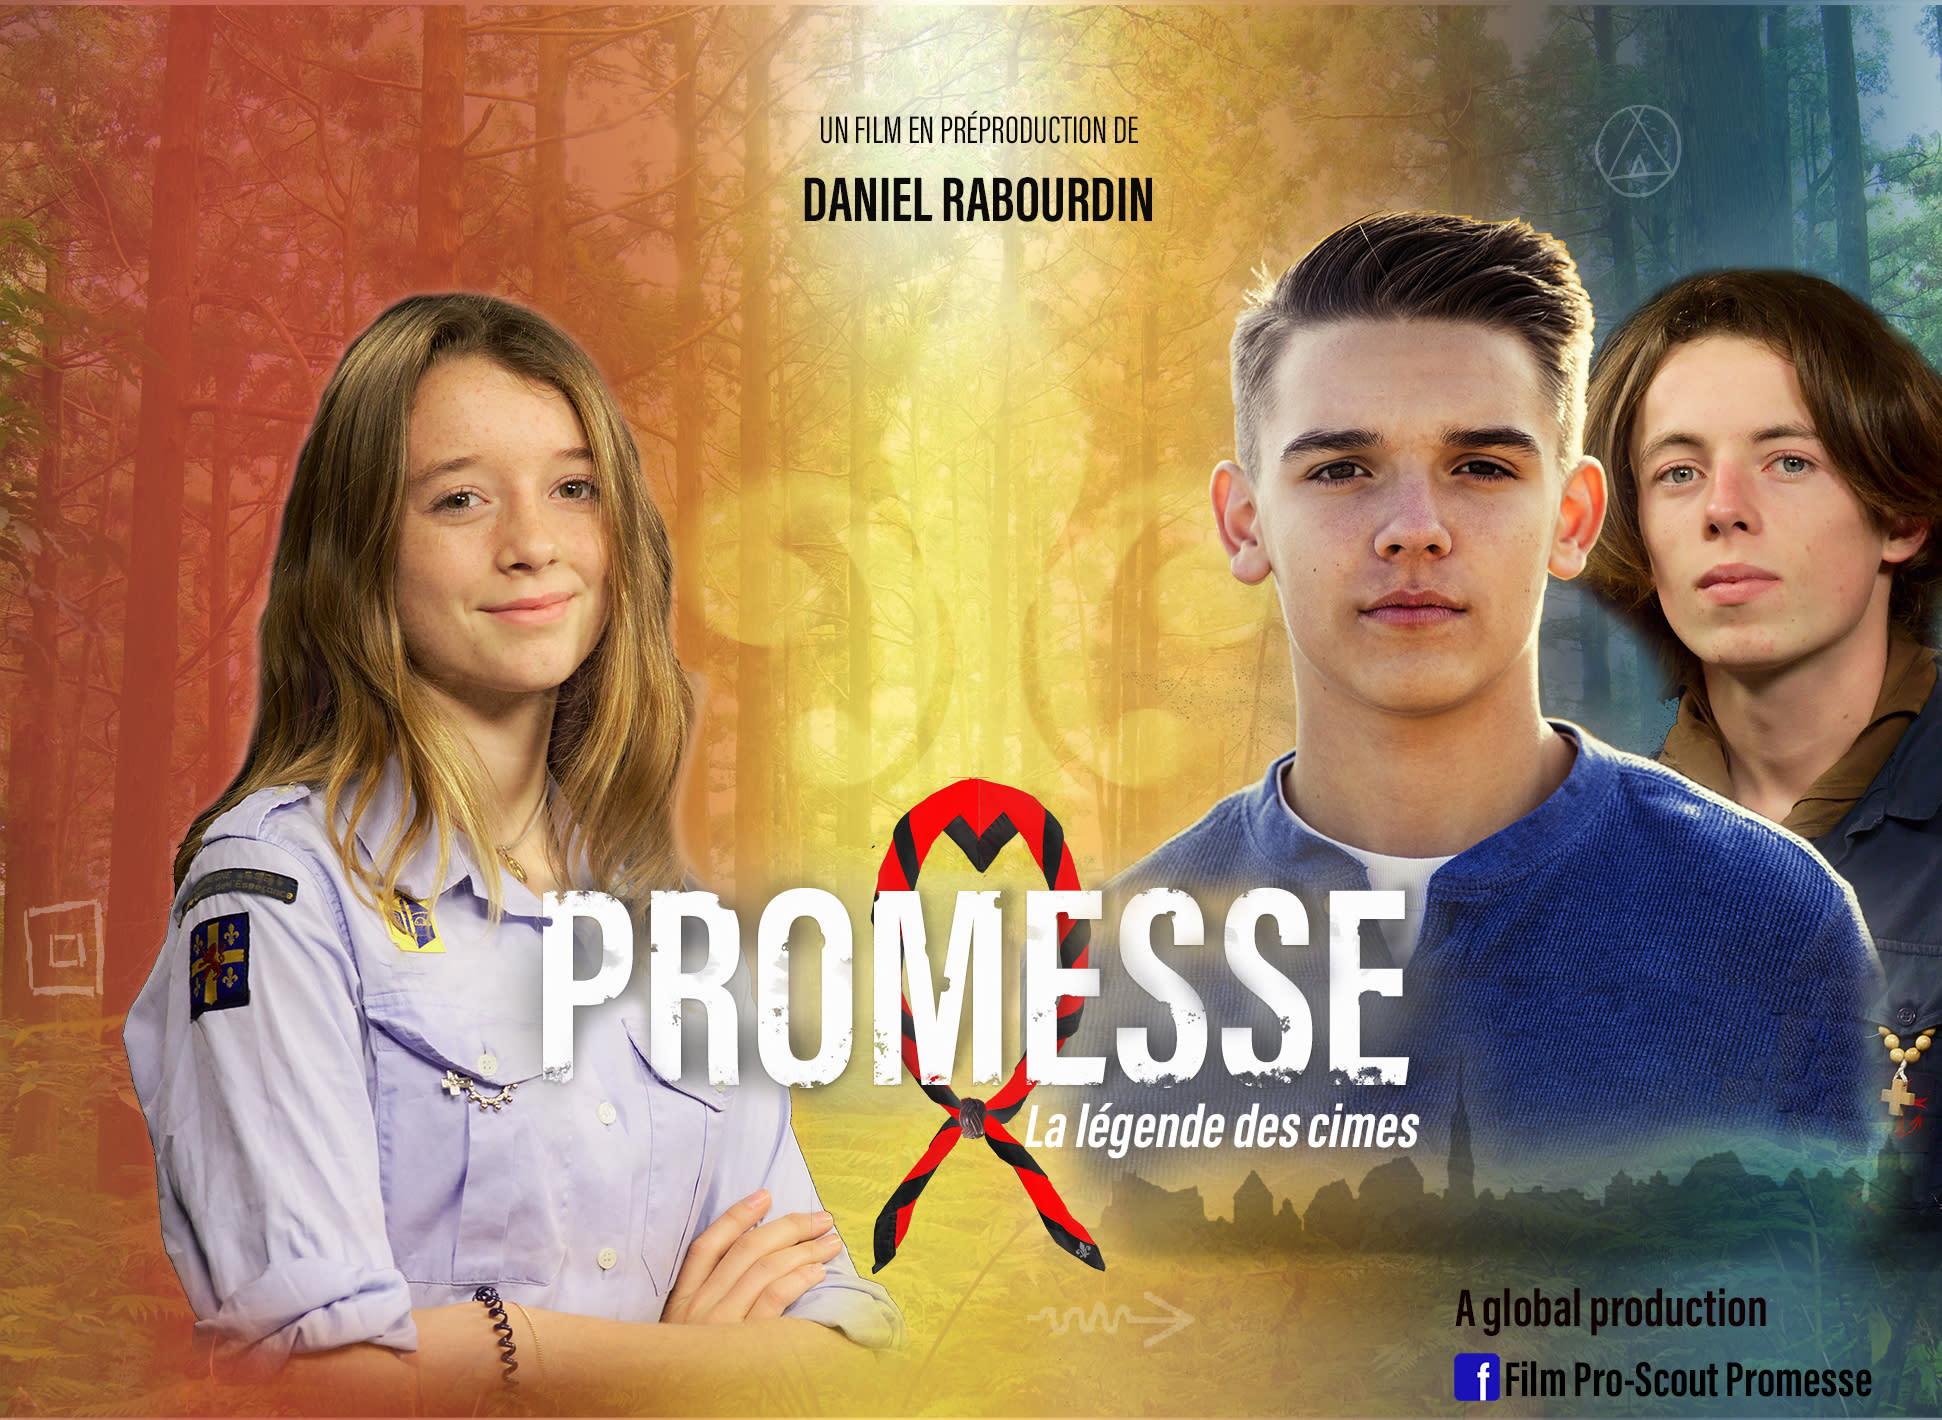 Promesse, le nouveau film à venir de Daniel Rabourdin